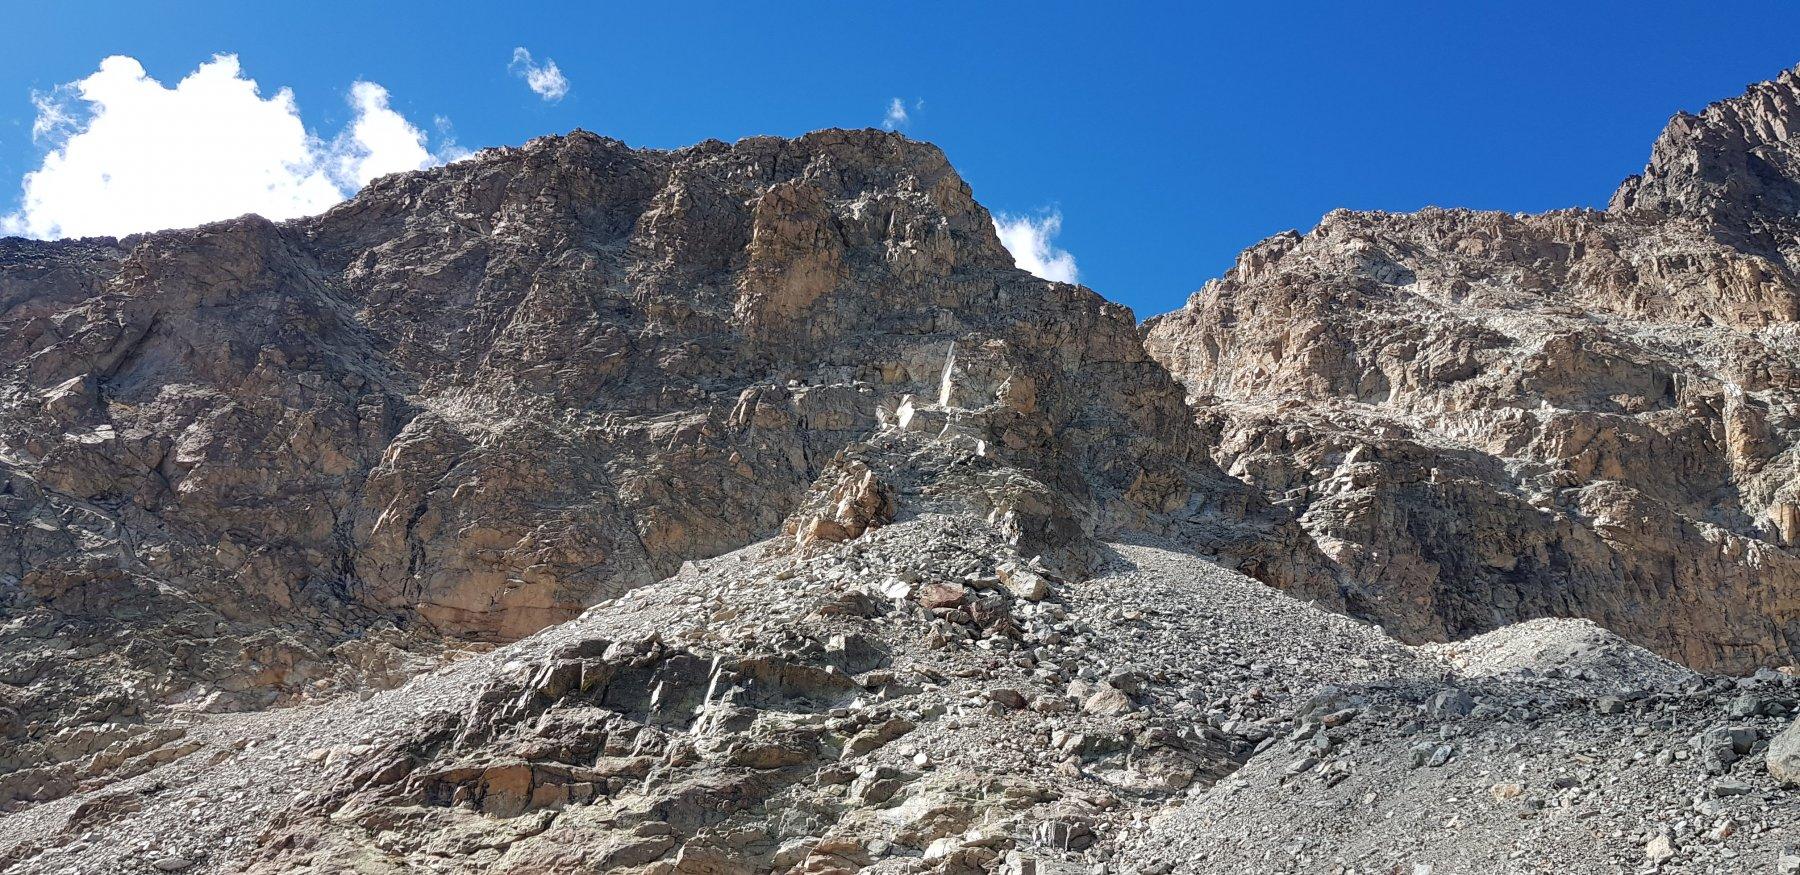 La punta Fiume vista dal bivio per il Biv.Andreotti